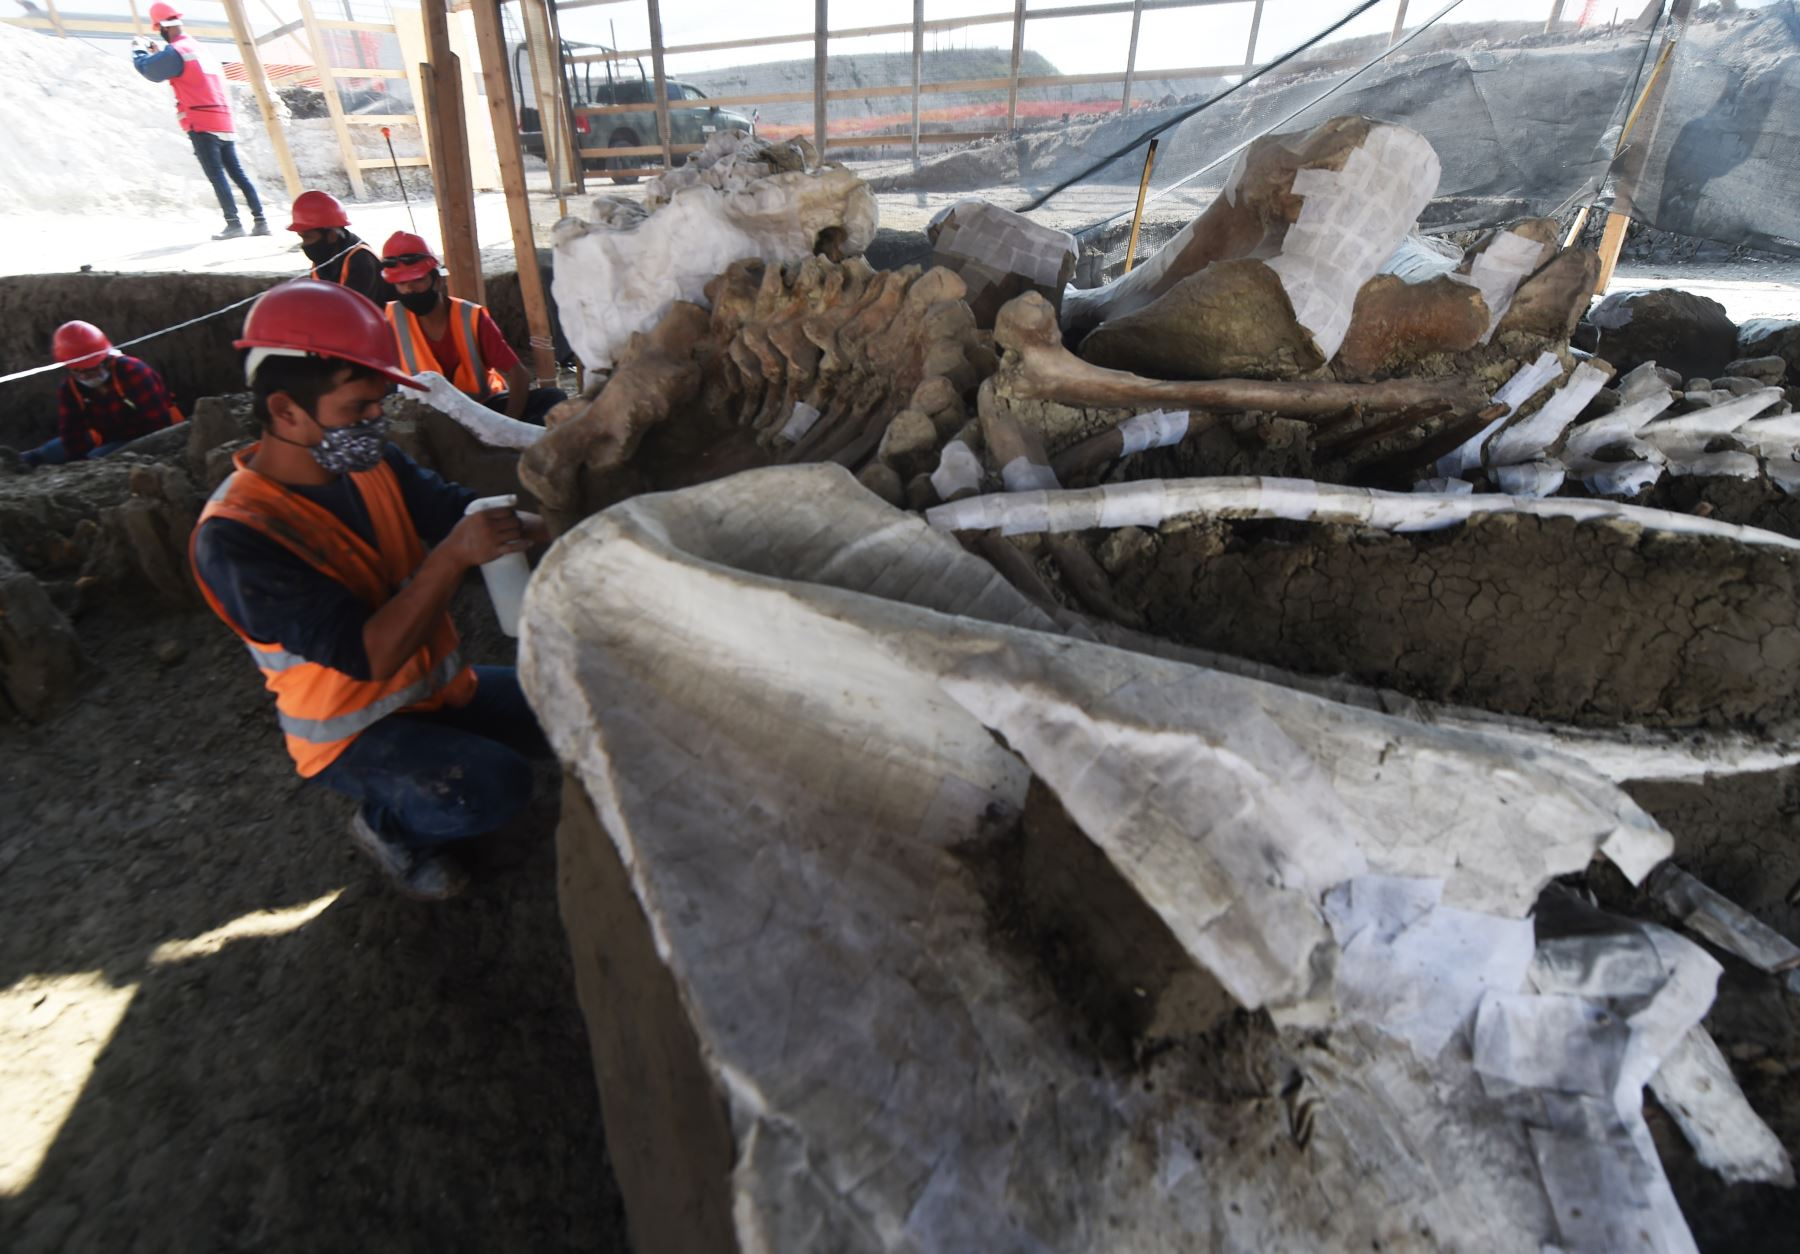 Paleontólogos del Instituto Nacional de Antropología trabajan en la preservación de los esqueletos de mamuts hallados en la base militar Santa Lucía, en Zumpango, México. Foto: AFP.